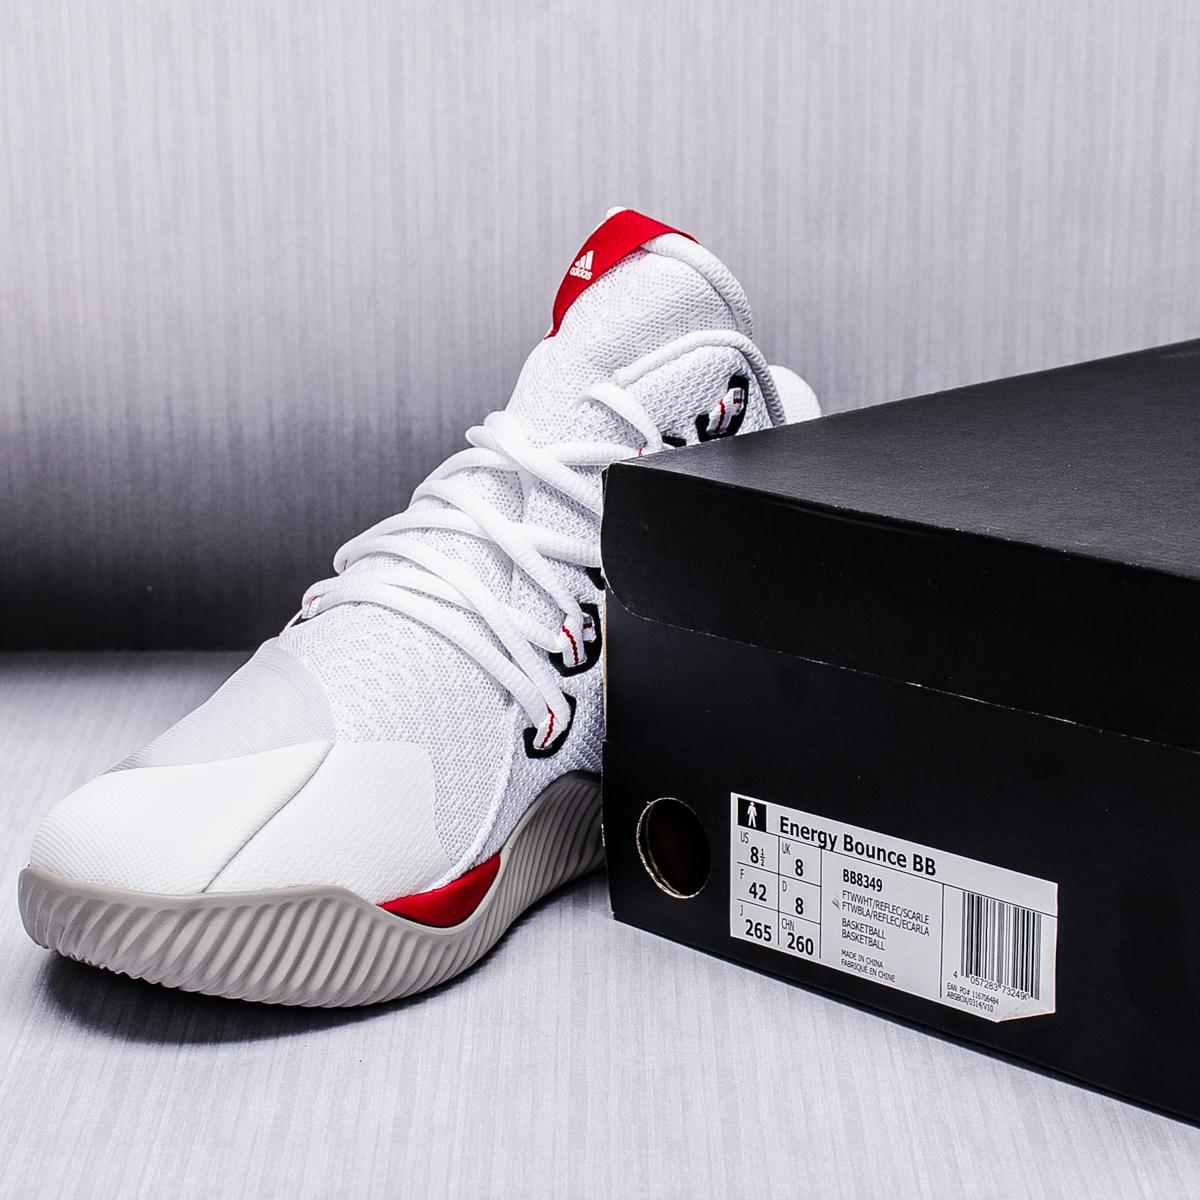 Zapatos De Baloncesto De La Despedida De Energía Adidas Hombres nYnps